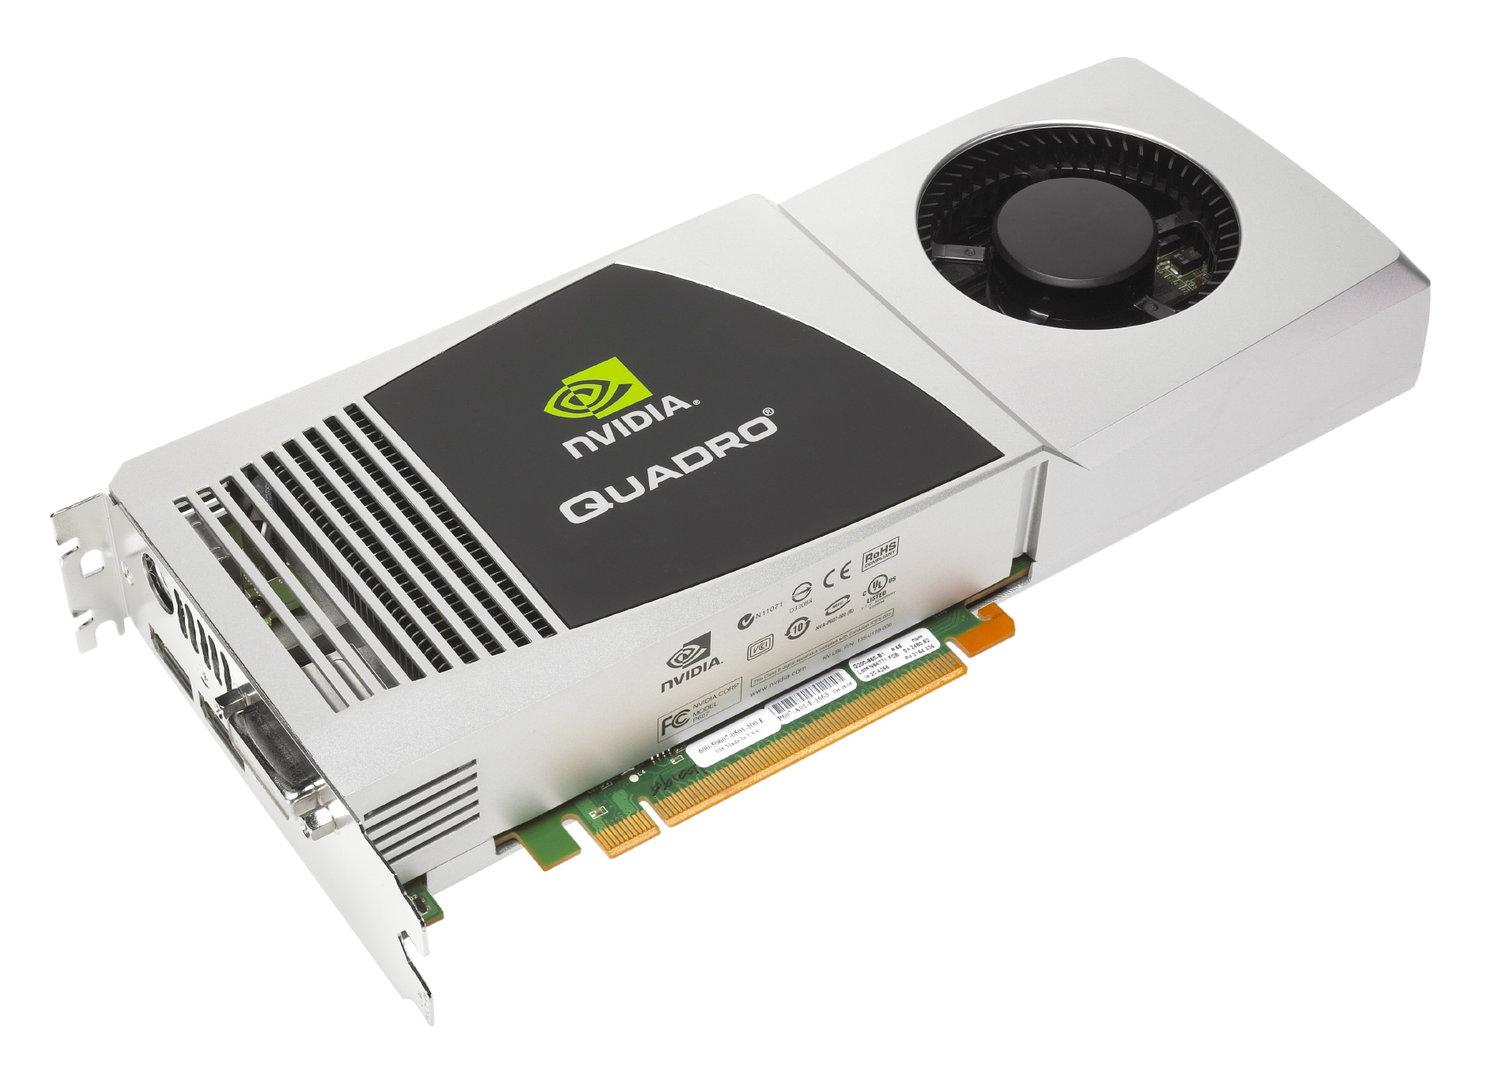 Quadro FX 4800 und Quadro FX 5800